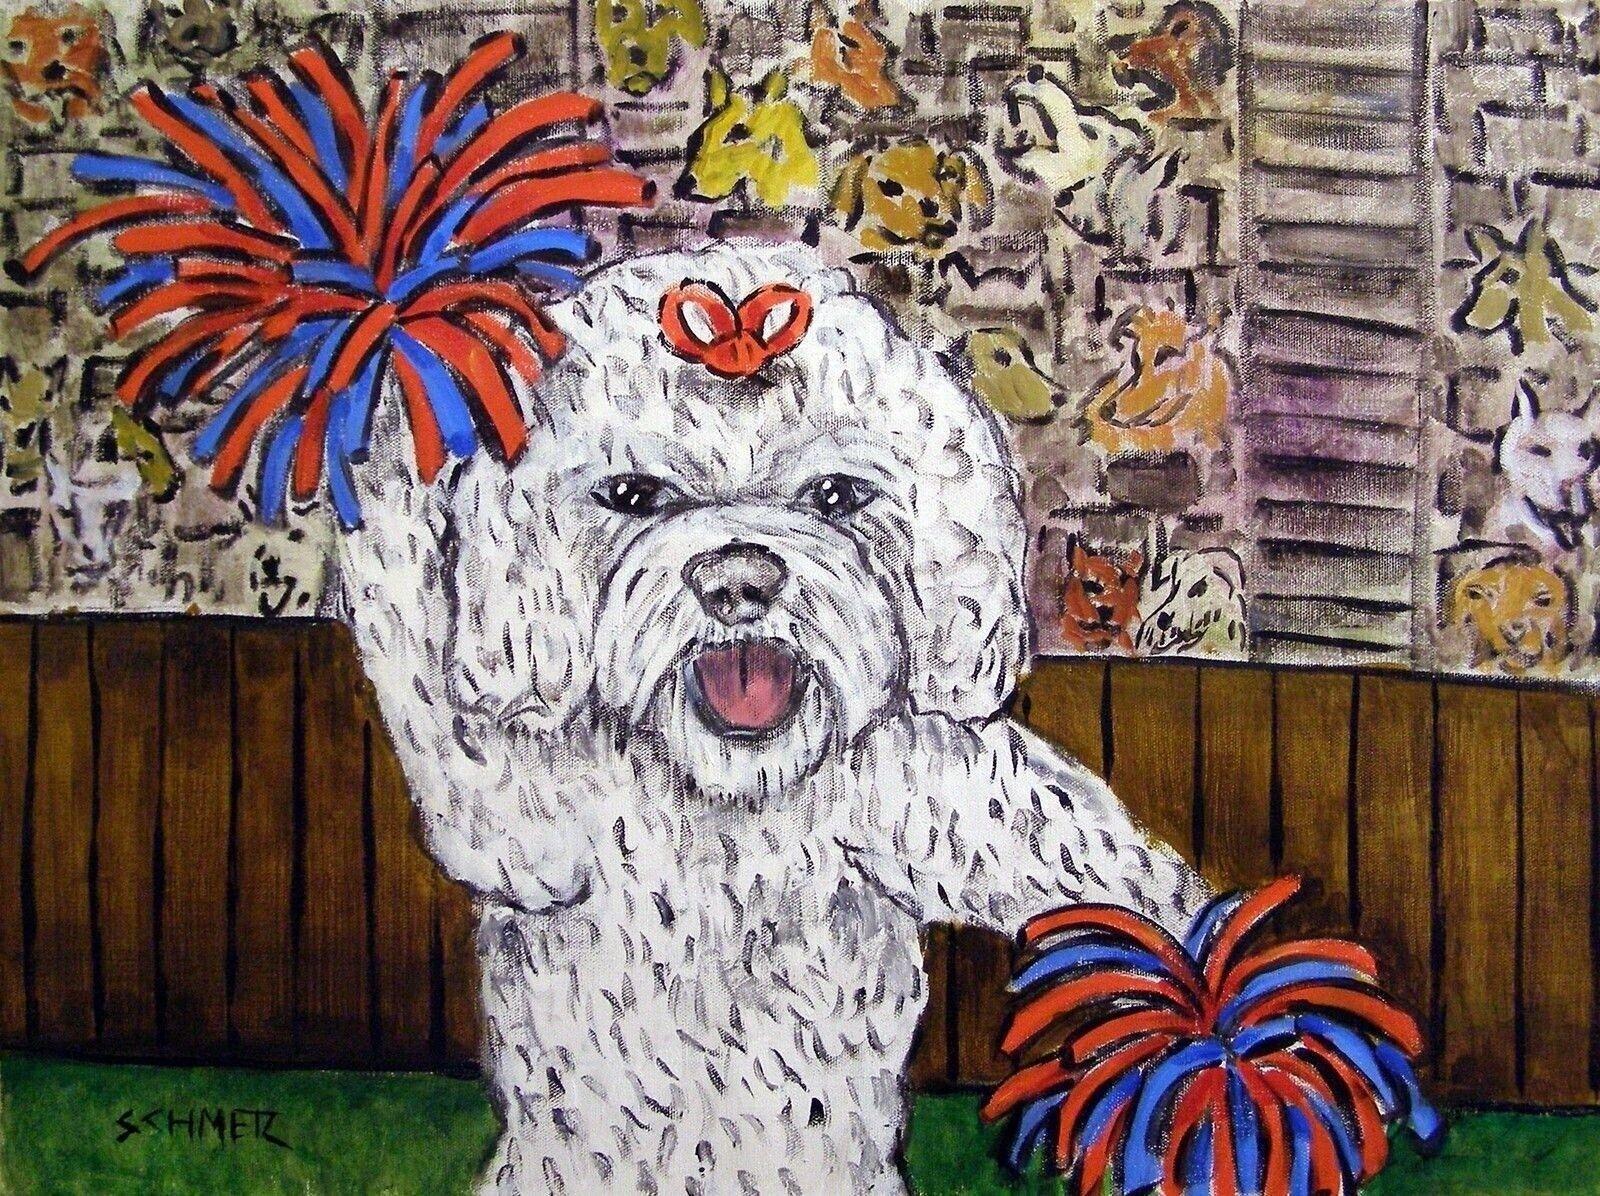 BULLDOG DOG art PRINT abstract folk pop ART JSCHMETZ  11x14 computer modern